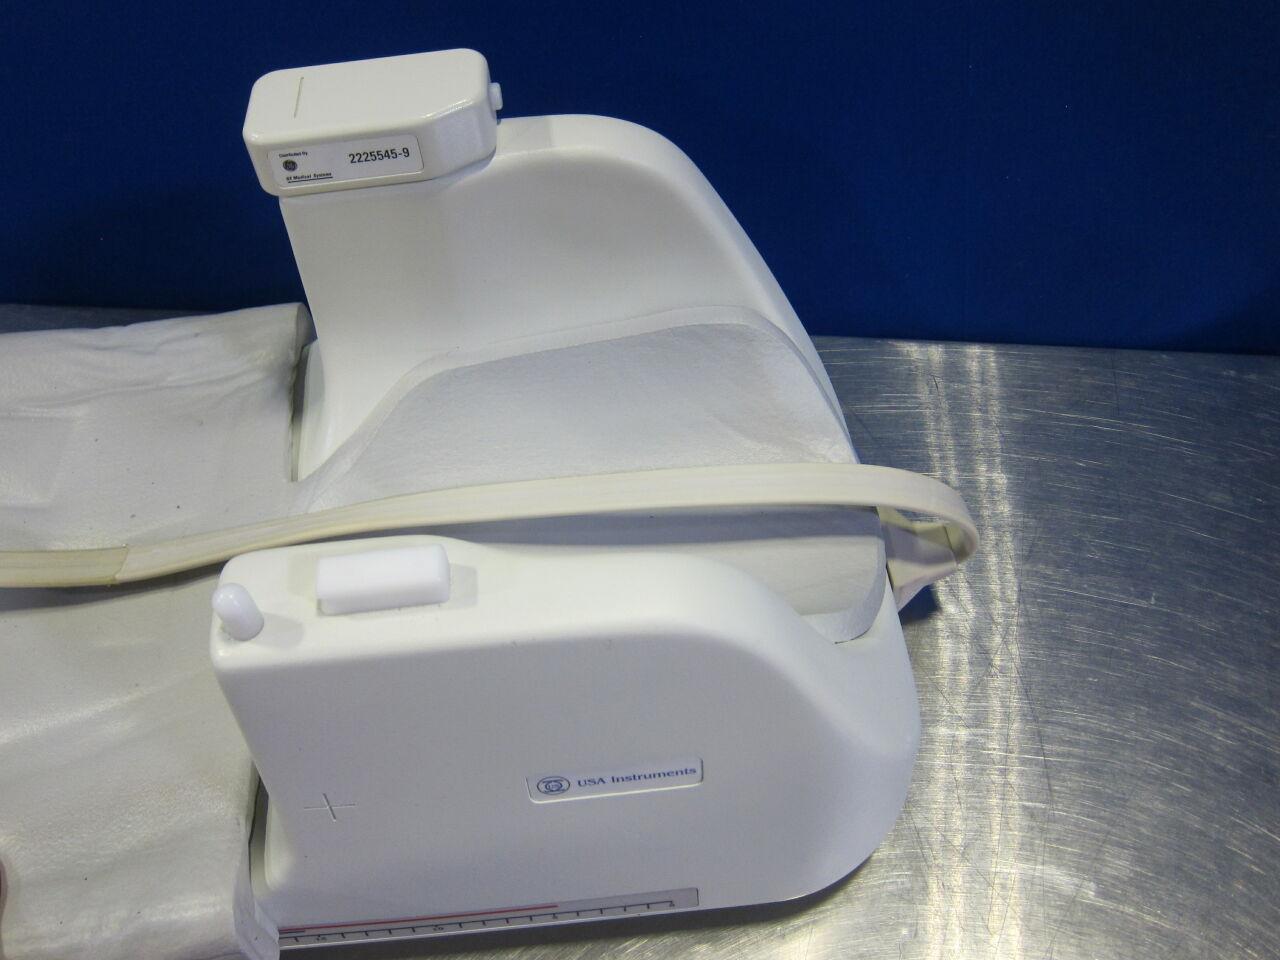 GE Premier 7000 QD CTL PA MRI Coil